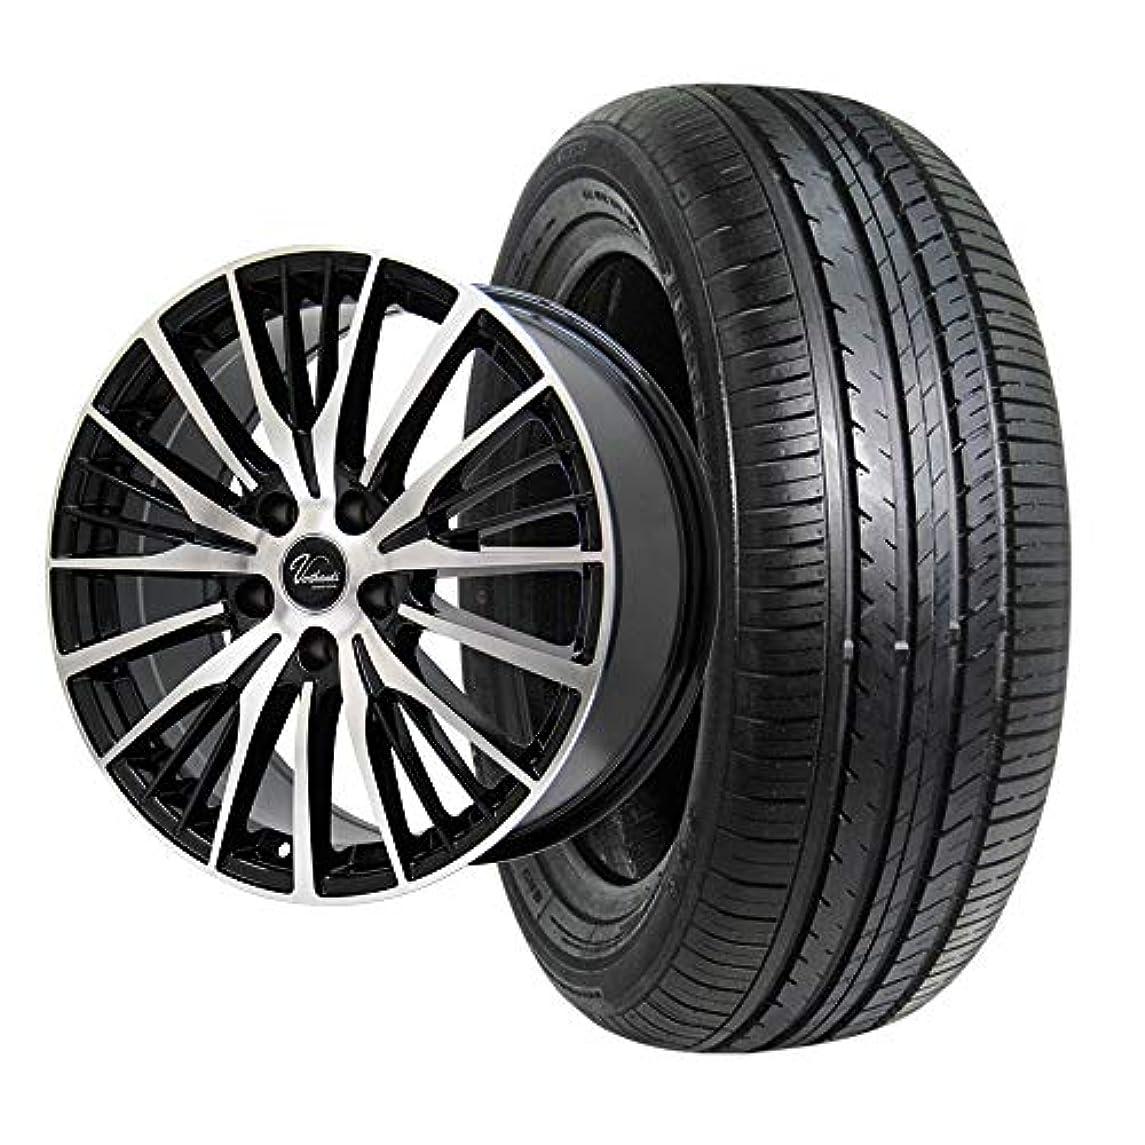 人柄靴回転するZEETEX(ジーテックス) サマータイヤ&ホイール ZT1000 215/65R16 Verthandi(ヴェルザンディ) 16インチ 4本セット